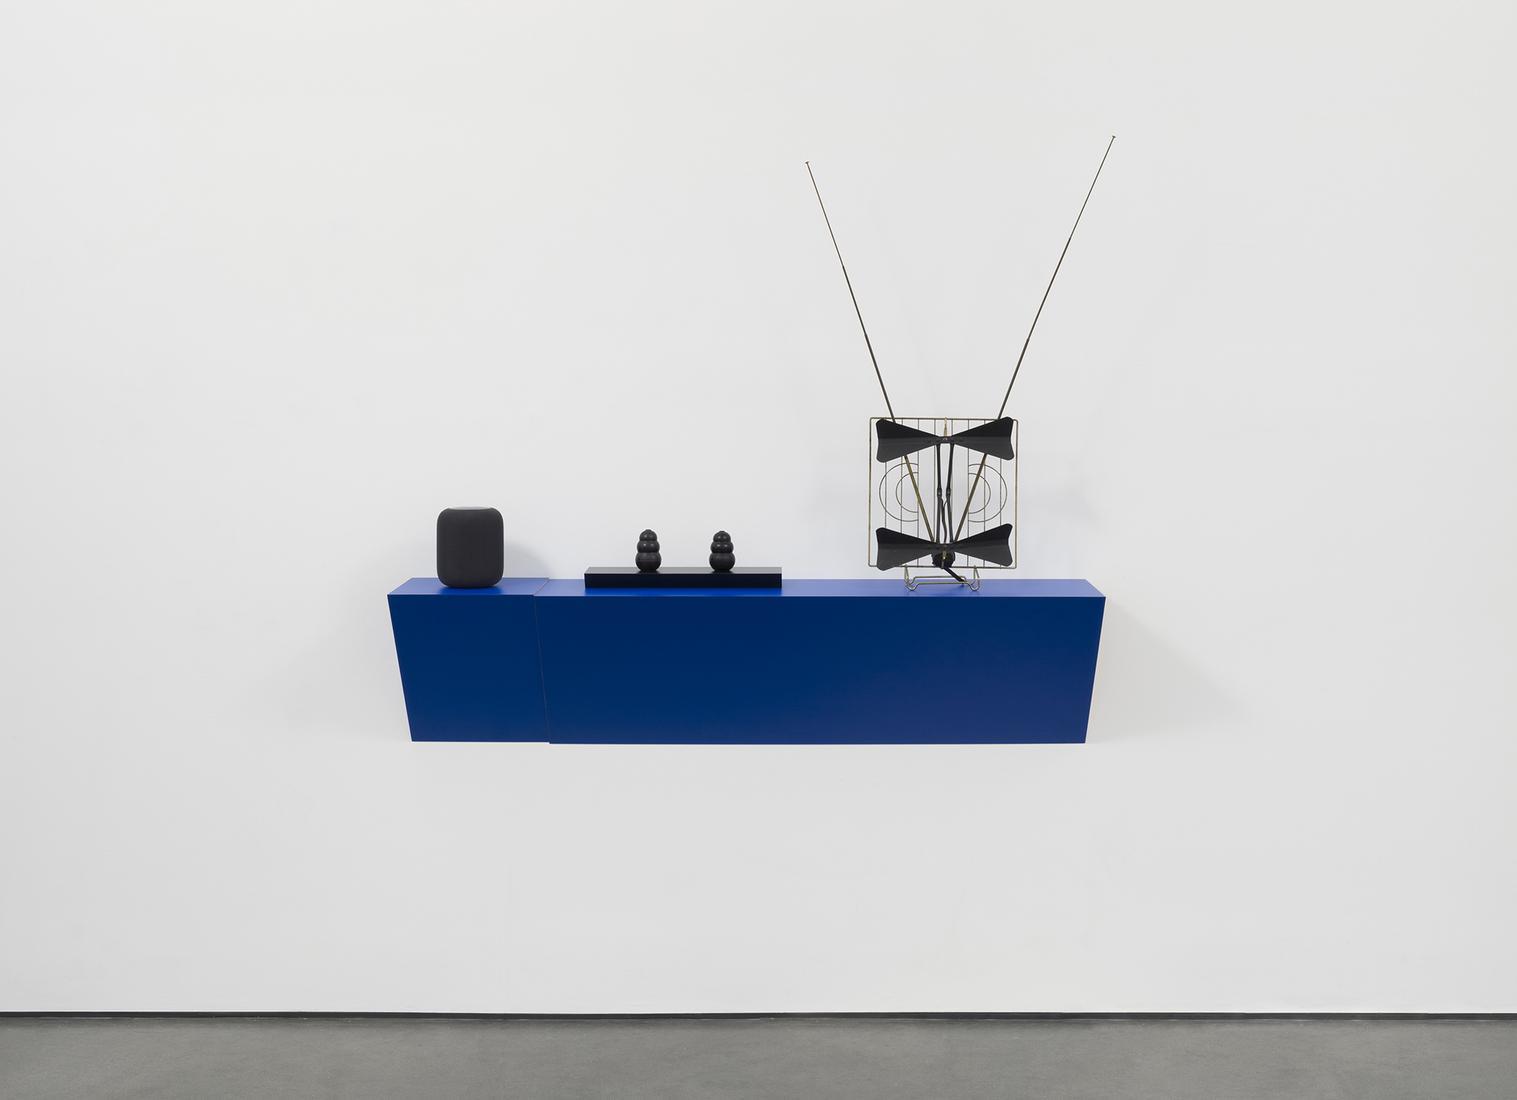 Haim STEINBACH Untitled (siri, kongs, antenna) 201...